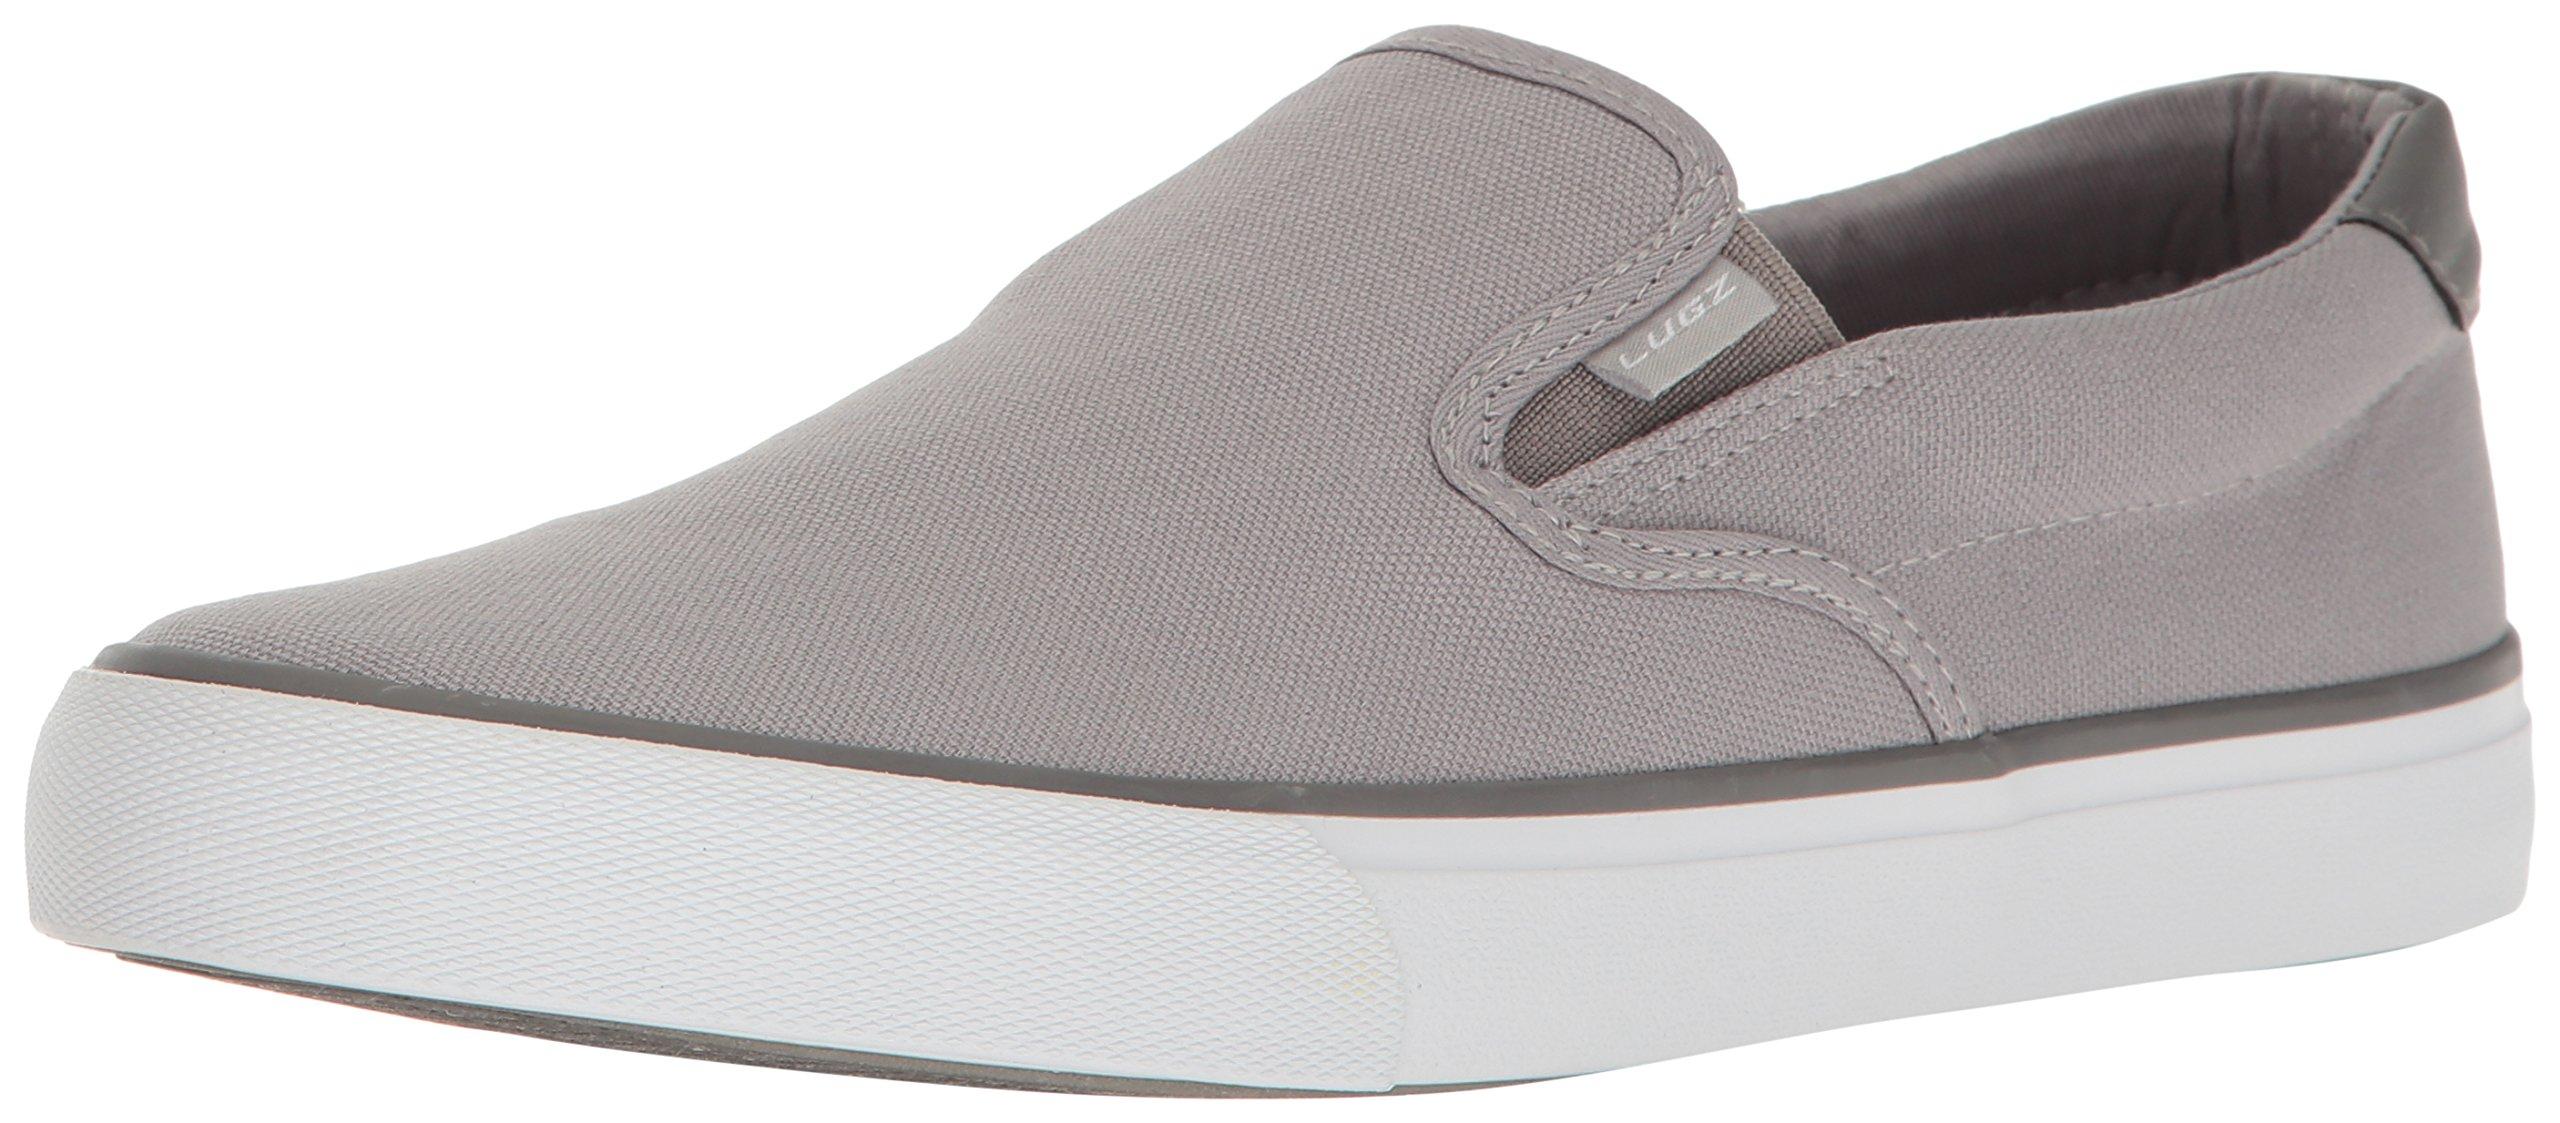 Lugz Men's Clipper Fashion Sneaker, Alloy/Charcoal/White, 12 M US